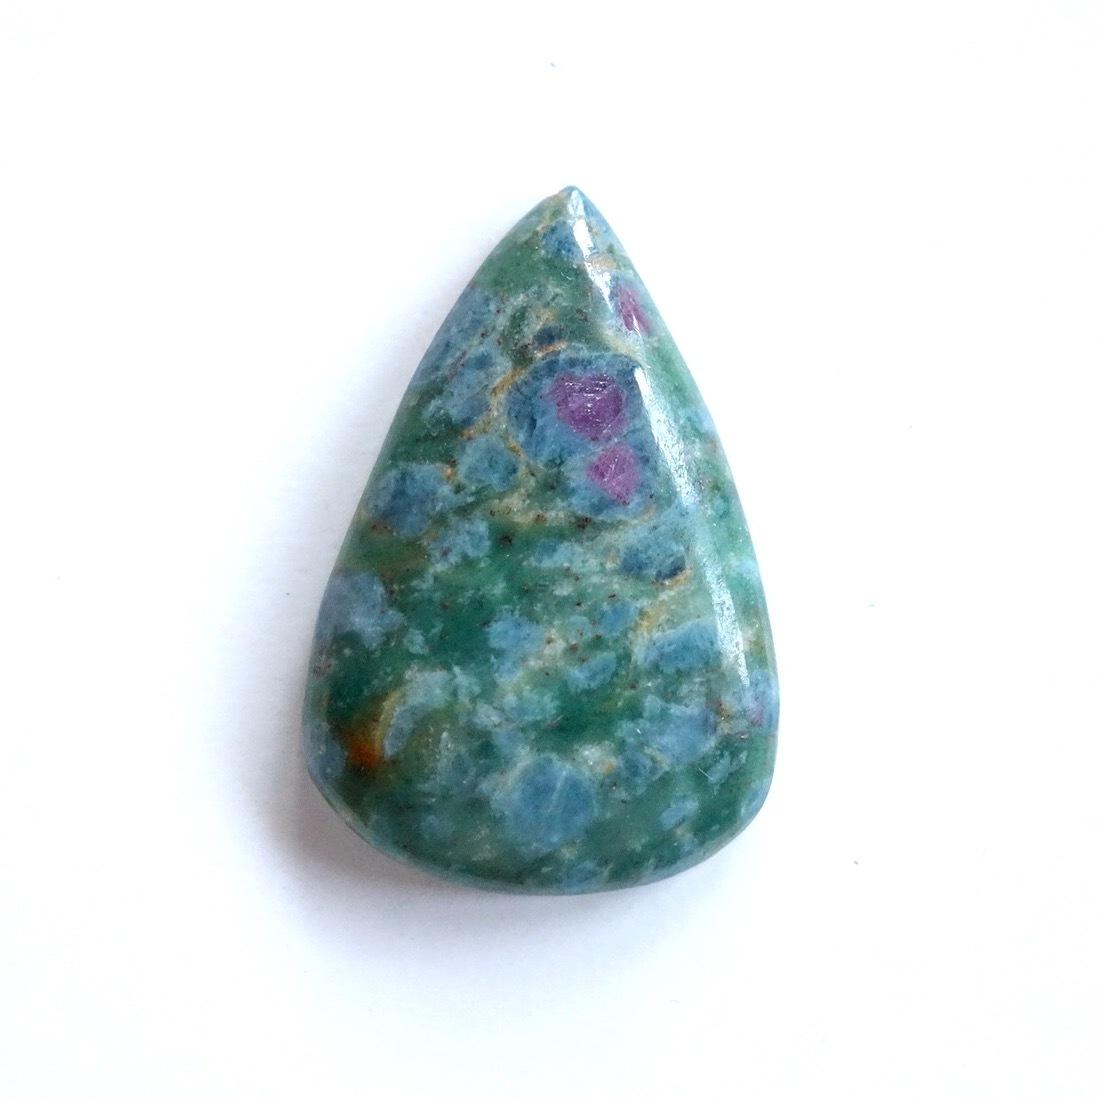 ルビー・カイヤナイトインフックサイト 天然石ルース